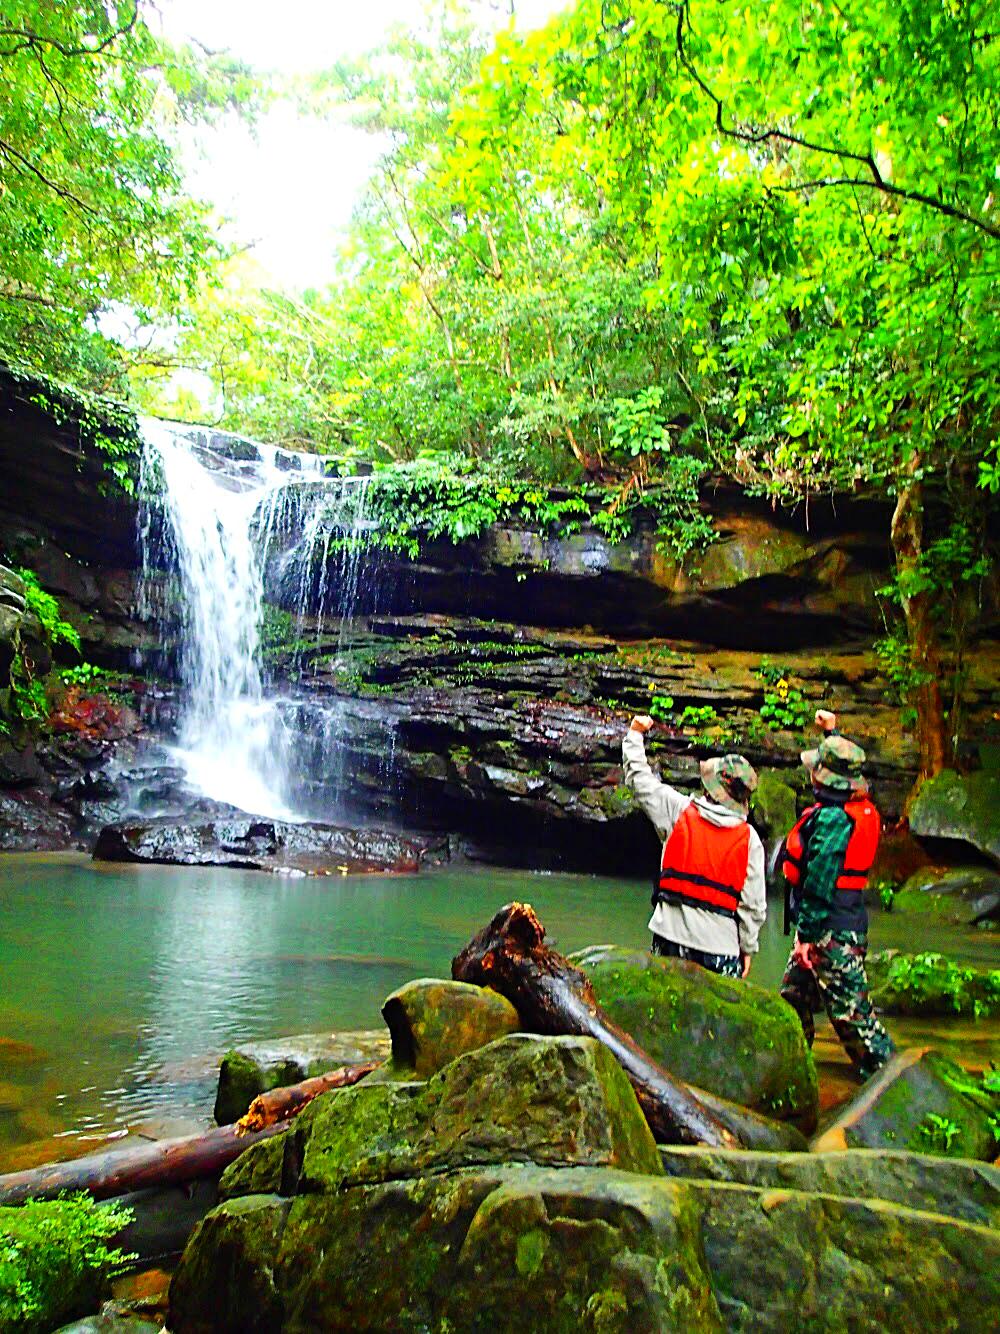 秘境の滝でエナジーチャージ✨八重山諸島・西表島